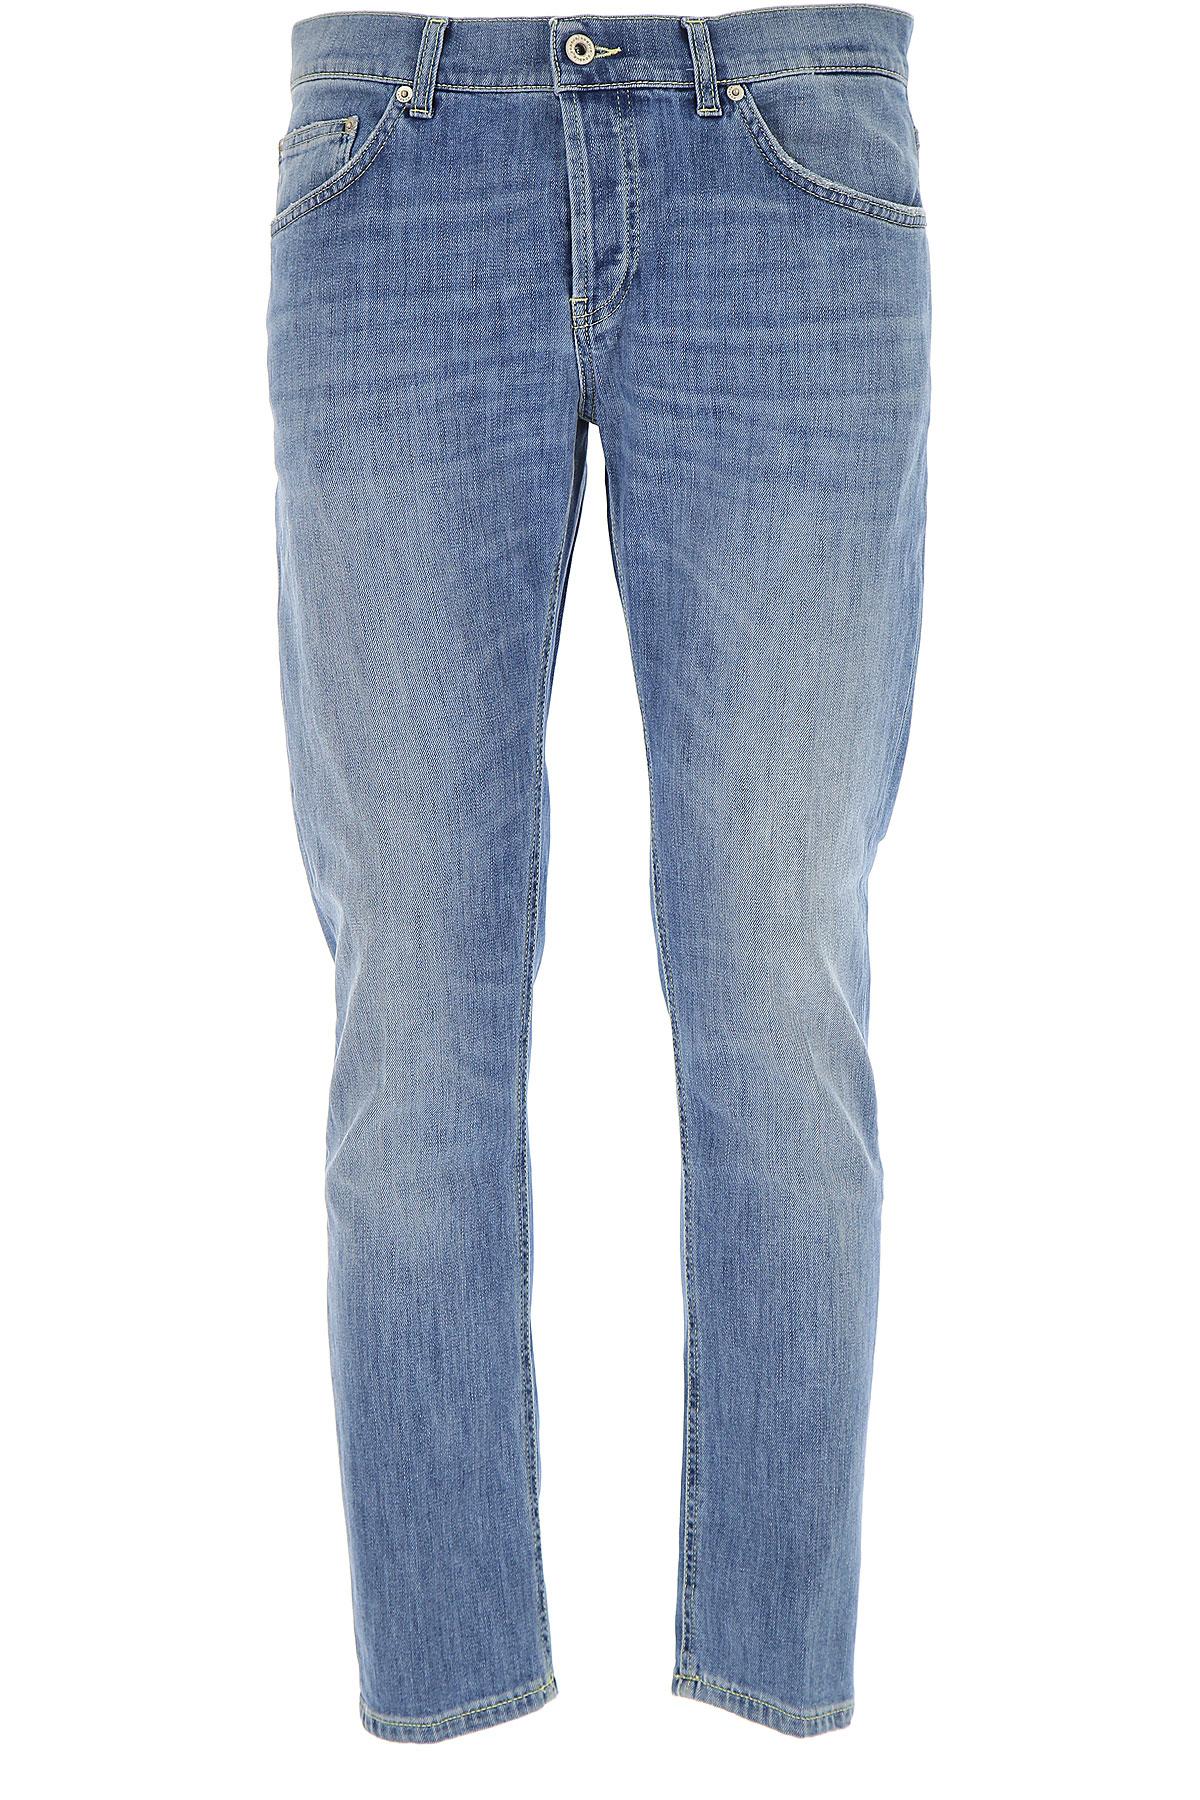 Dondup Jeans, Denim Blue, Cotton, 2017, 31 32 33 34 35 36 38